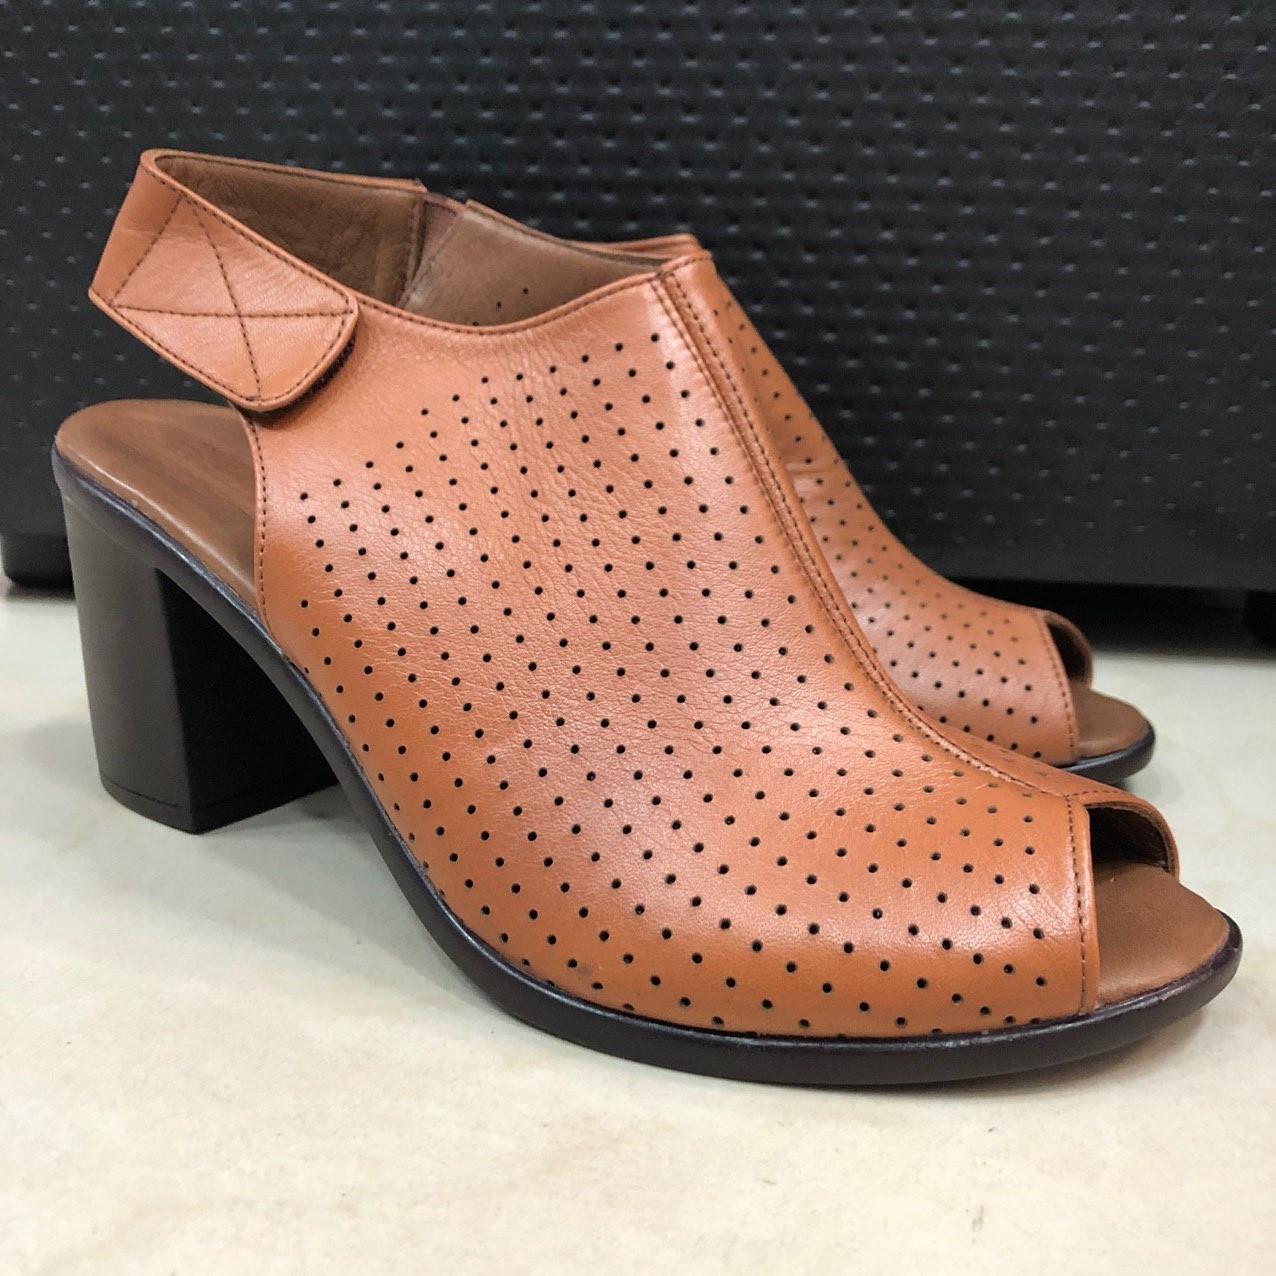 Босоножки сандалии женские кожаные коричневый BRENDA